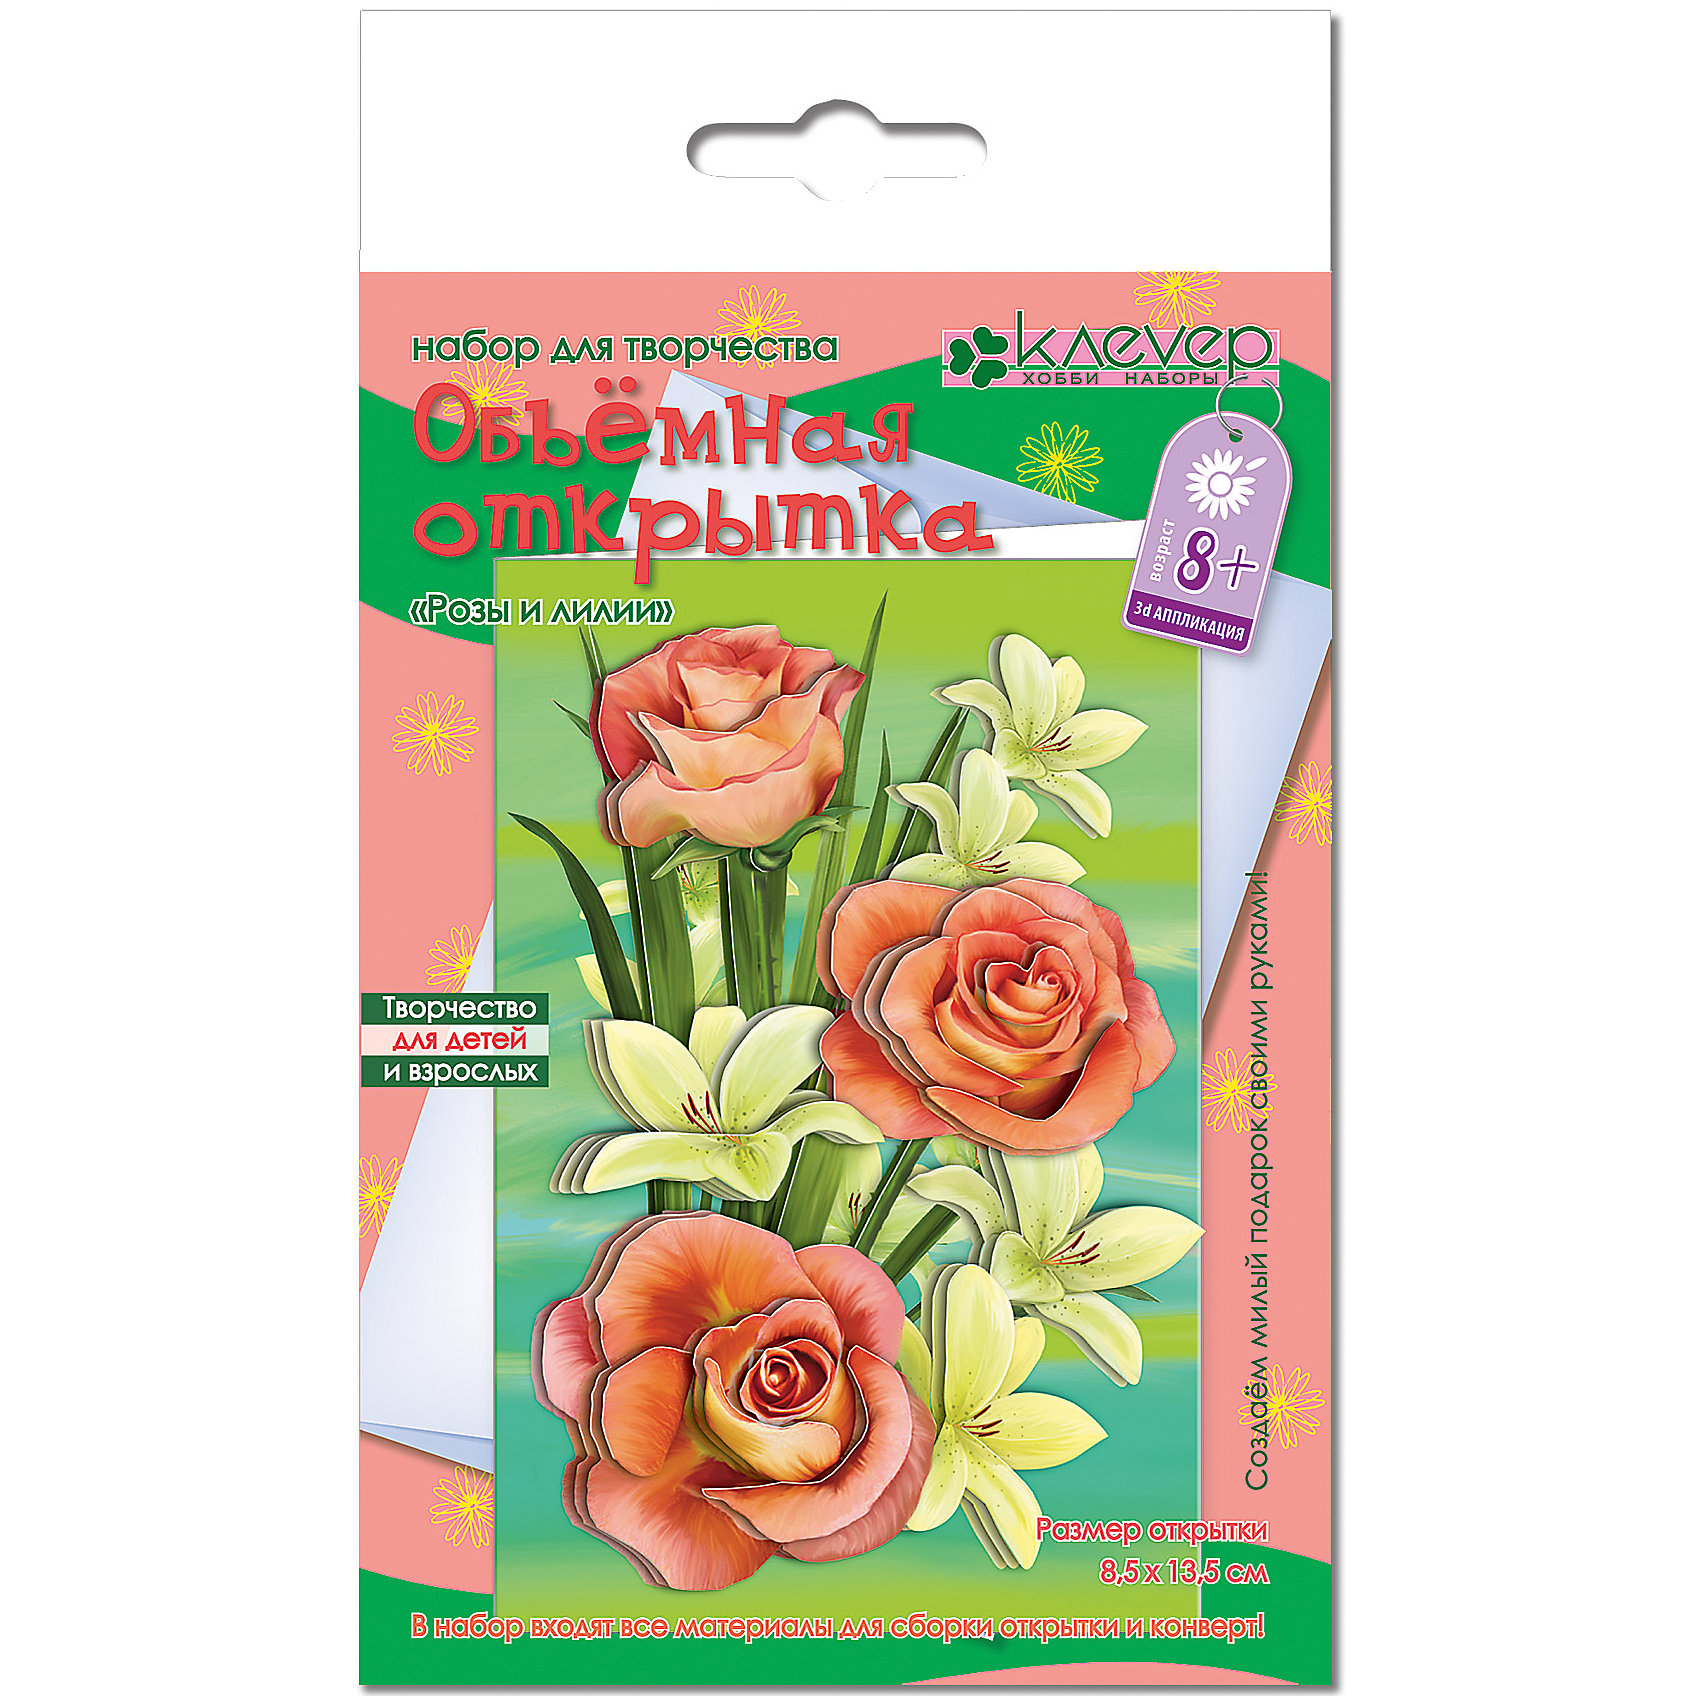 Набор для изготовления открытки Розы и лилииБумага<br>Характеристики:<br><br>• Коллекция: объемная открытка<br>• Тематика: цветы<br>• Уровень сложности: средний<br>• Материал: бумага, скотч<br>• Комплектация: набор цветной бумаги, основа, скотч, инструкция<br>• Форма открытки: 3d<br>• Размеры готовой открытки (Ш*В): 8,5*13,5 см<br>• Размеры (Д*Ш*В): 10*18,2*5 см<br>• Вес: 14 г <br>• Упаковка: картонный конверт<br><br>Уникальность данных наборов заключается в том, что они состоят из материалов разных фактур. Благодаря использованию двухстороннего скотча, рабочее место и одежда ребенка не будет испачкана, а поделка будет выглядеть объемной и аккуратной.<br><br>Набор для изготовления открытки Розы и лилии состоит из всех необходимых материалов и инструментов для создания поздравительной открытки с изображением букета из желтых лилий и роз.<br><br>Набор для изготовления открытки Розы и лилии можно купить в нашем интернет-магазине.<br><br>Ширина мм: 100<br>Глубина мм: 182<br>Высота мм: 50<br>Вес г: 14<br>Возраст от месяцев: 96<br>Возраст до месяцев: 144<br>Пол: Унисекс<br>Возраст: Детский<br>SKU: 5541579